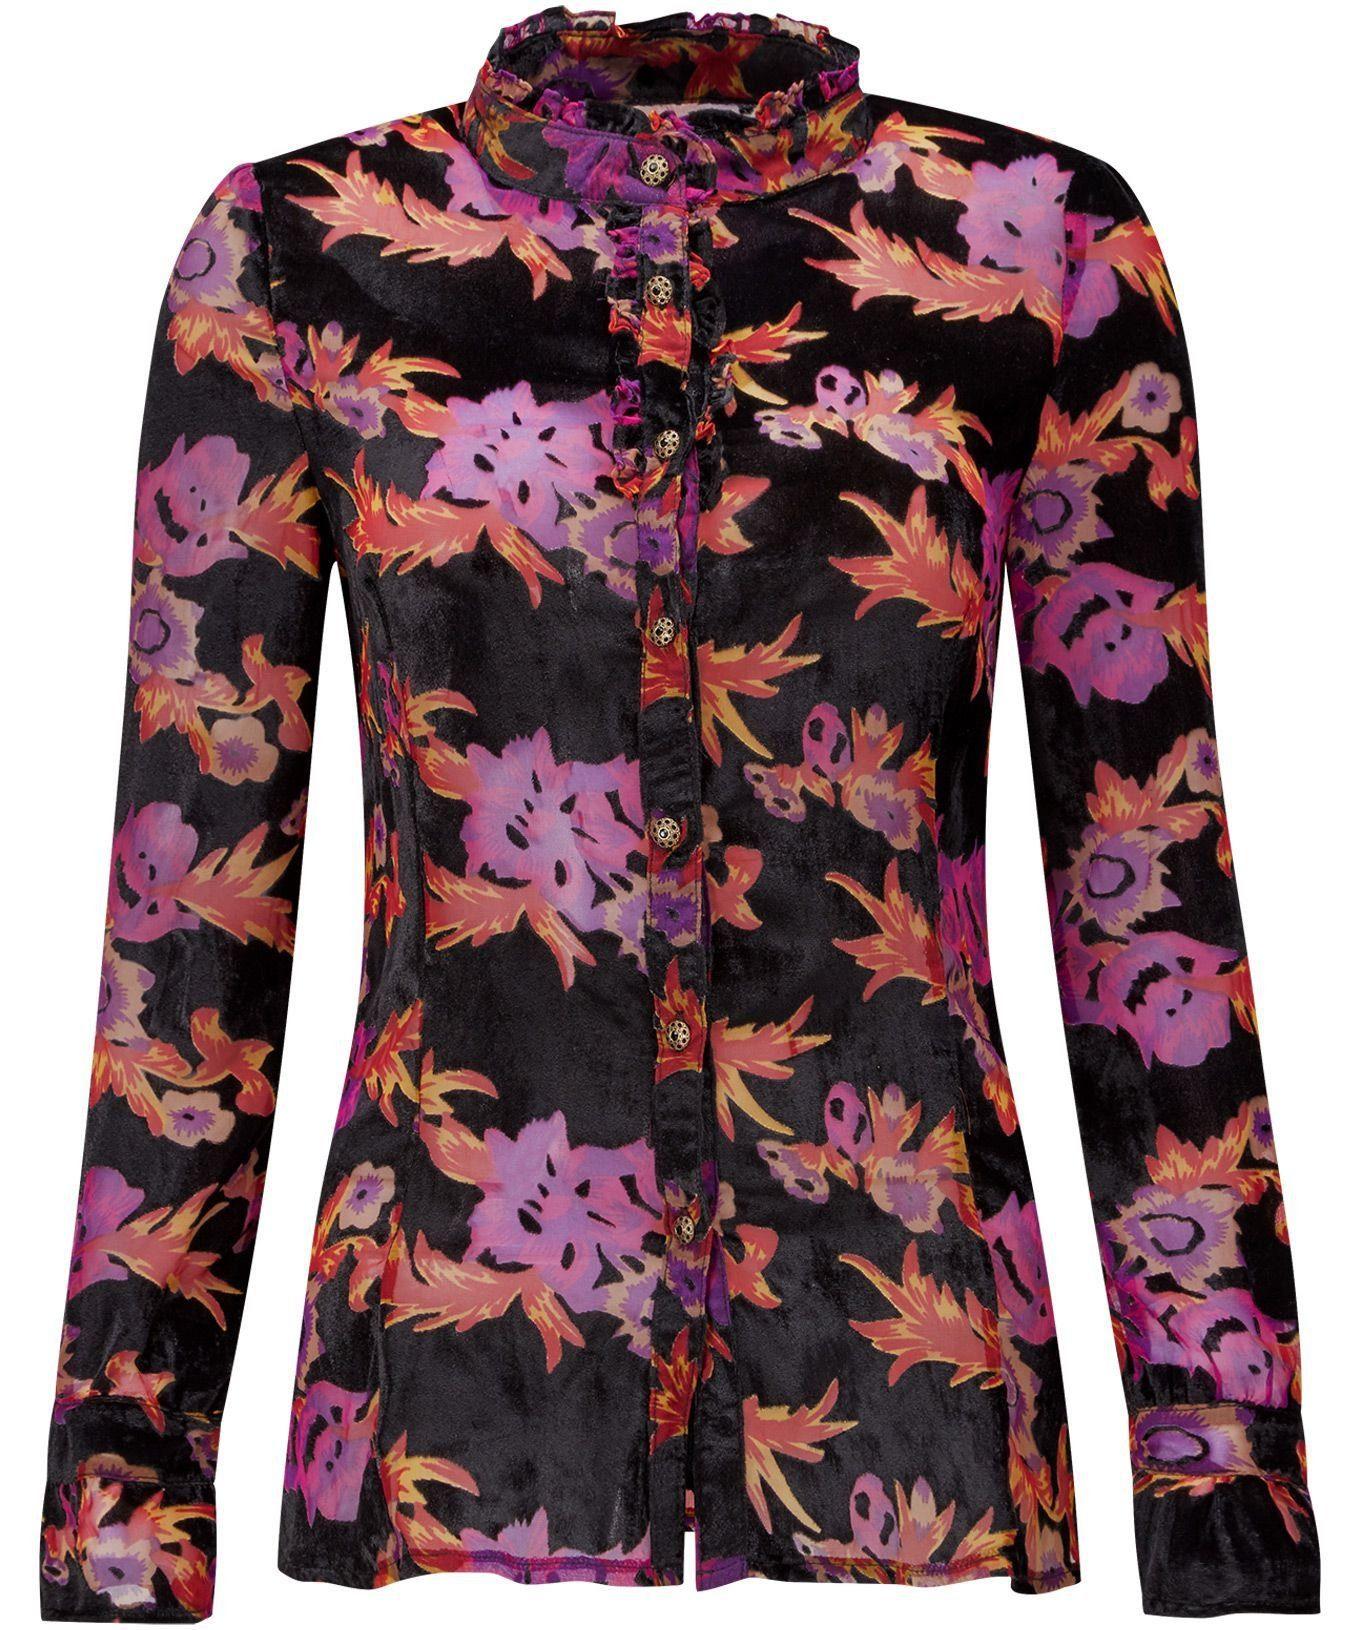 Joe Browns Druckbluse »Langarm-Chiffon-Bluse mit Blumenmuster von Joe Browns für Damen«